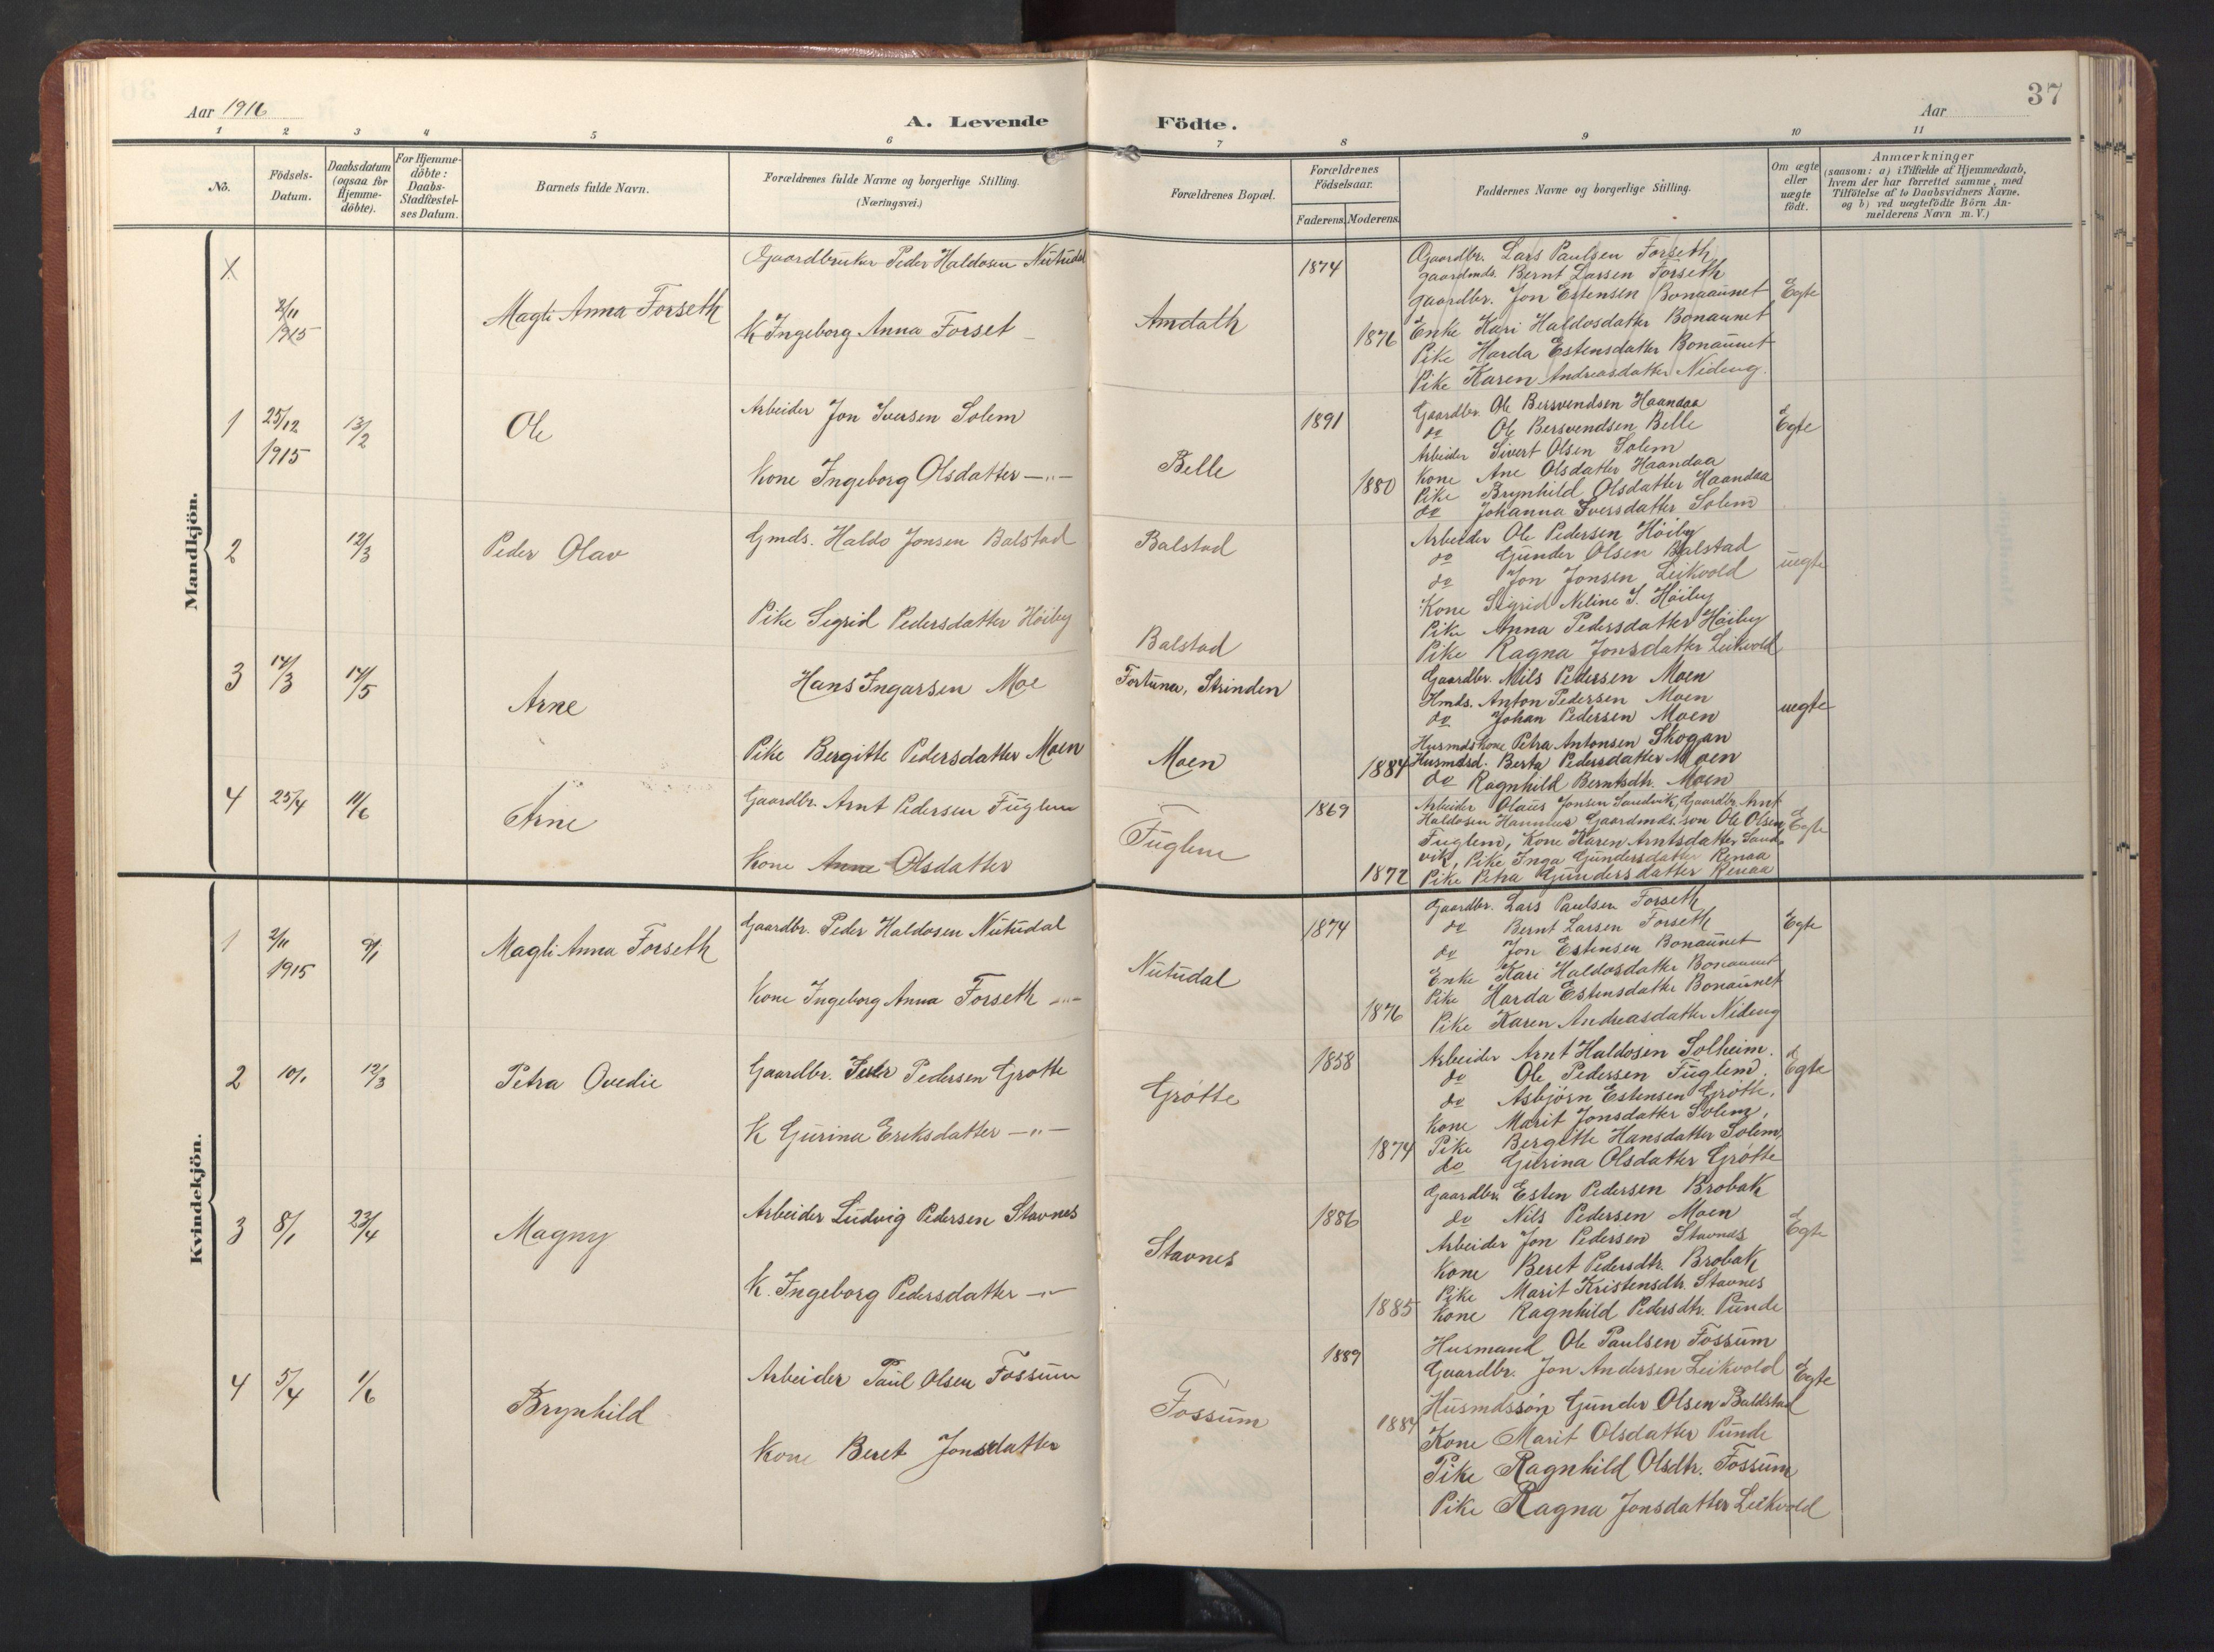 SAT, Ministerialprotokoller, klokkerbøker og fødselsregistre - Sør-Trøndelag, 696/L1161: Klokkerbok nr. 696C01, 1902-1950, s. 37